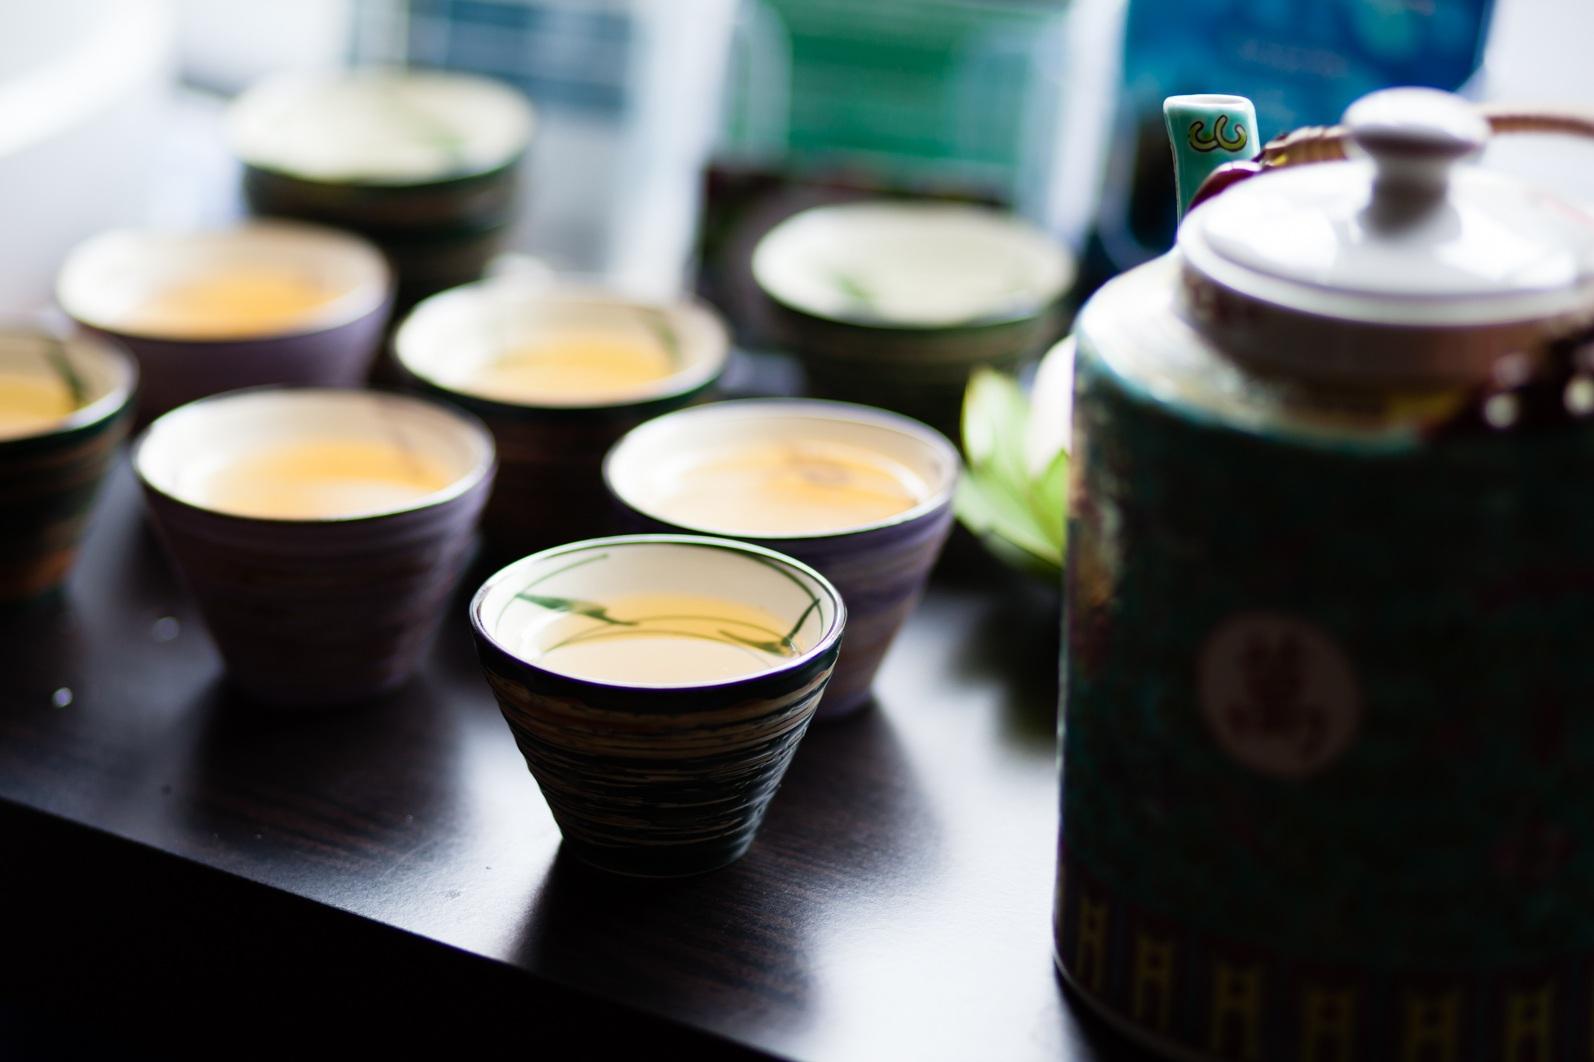 chai-tea-kundalini-yoga-brisbane-community